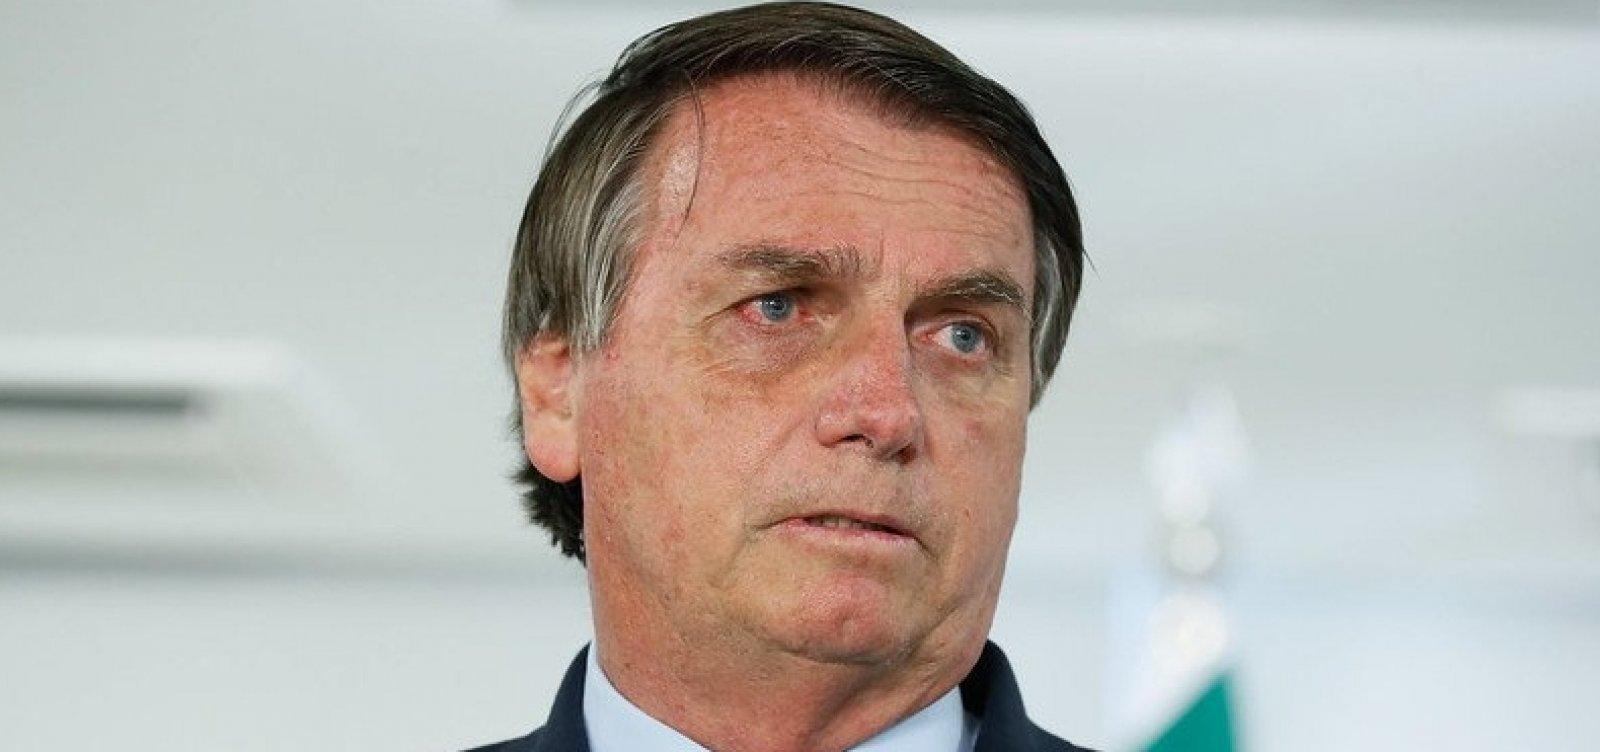 ['Não vou tomar vacina e ponto final', diz Bolsonaro sobre imunizante para Covid-19]